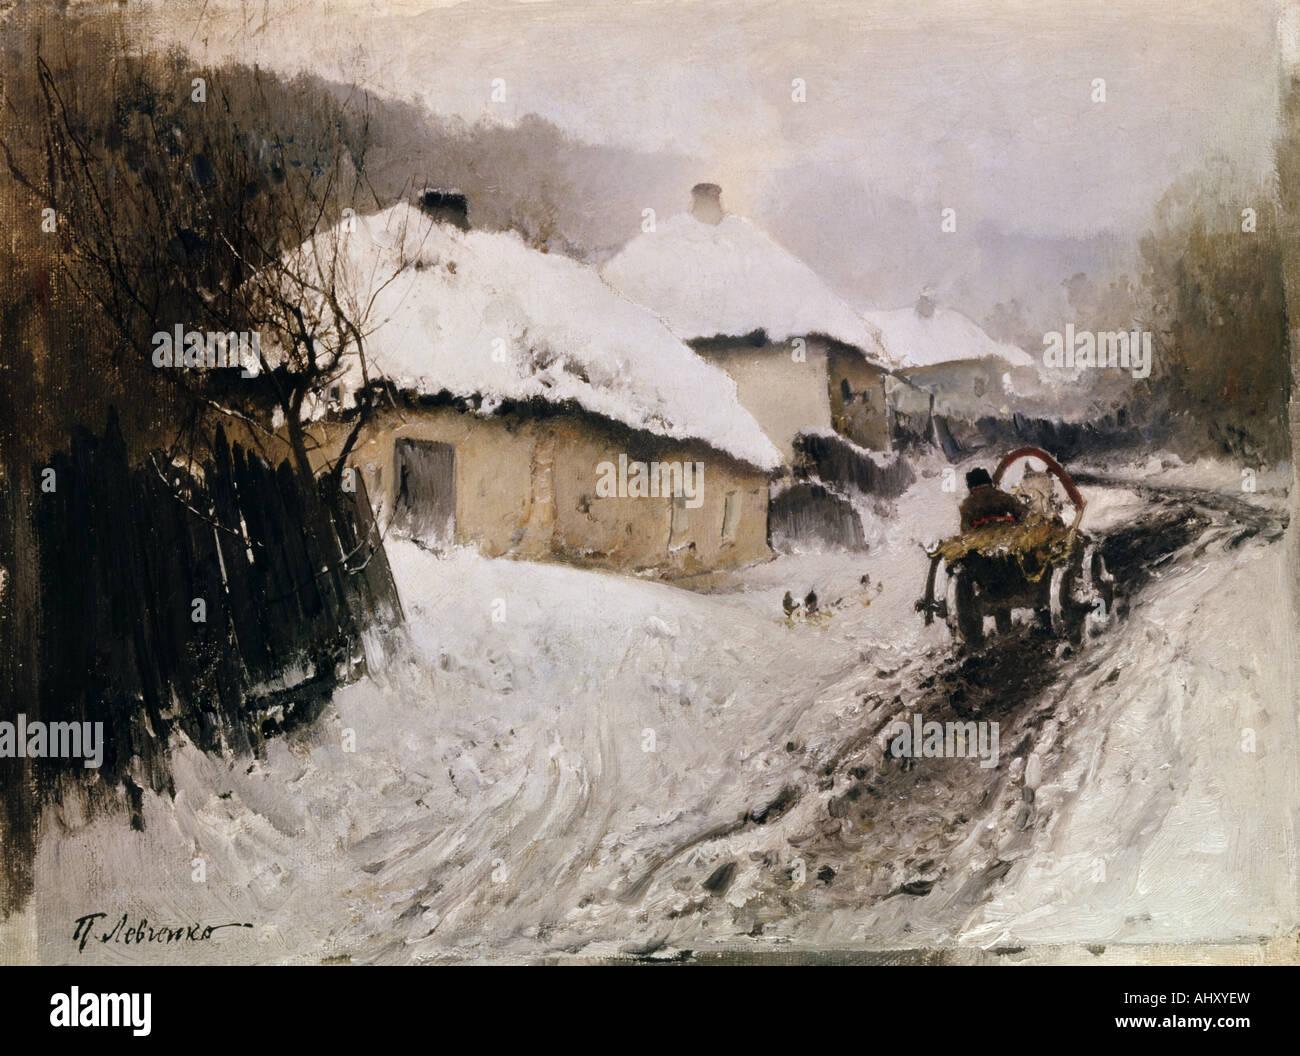 """""""Fine Arts, Lewtschenko, Petro, (1856-1917), Malerei, 'Ein Dorf im Winter', 1905, Öl auf Leinwand, ukrainischen Stockfoto"""